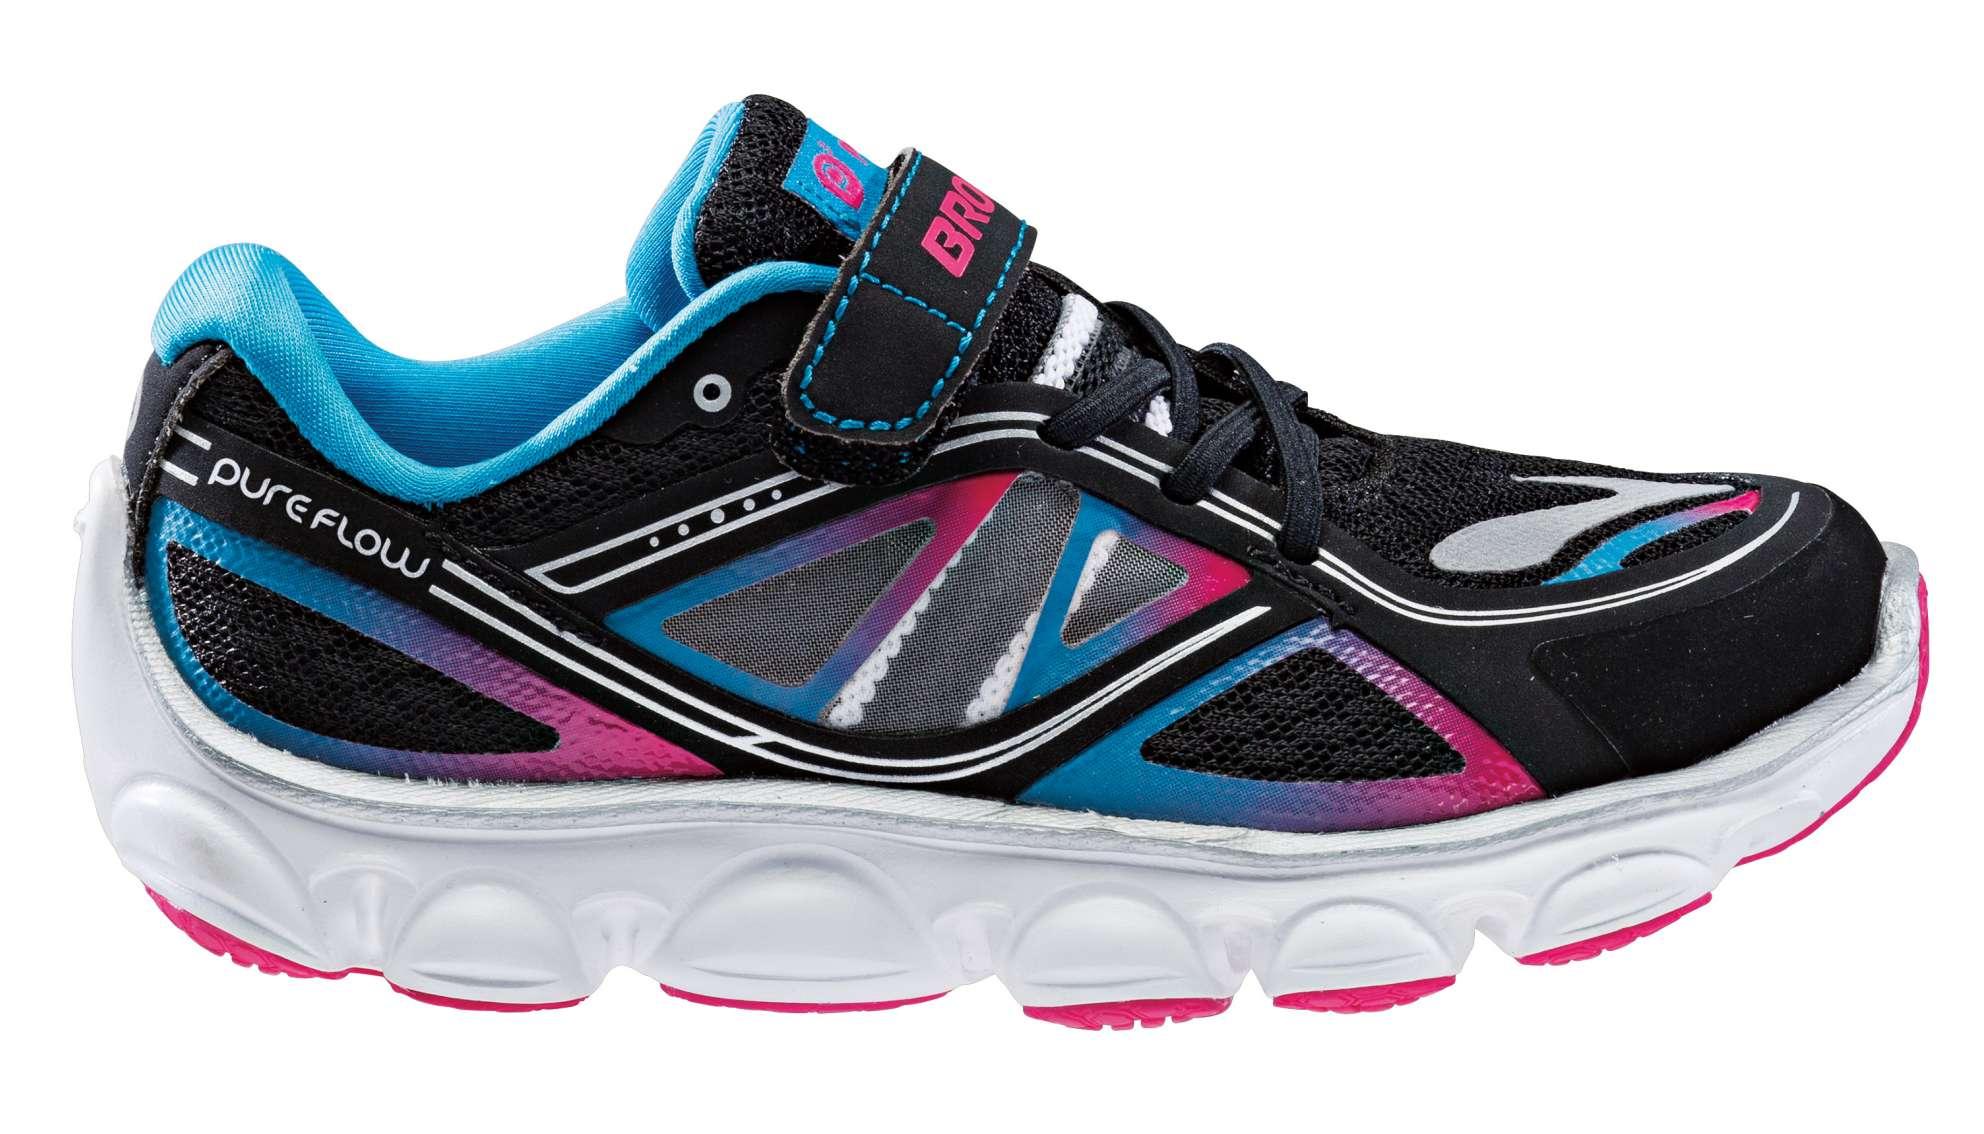 Brooks PureFlow 3 schwarz/pink Laufschuhe Kinder 3wI1D0A